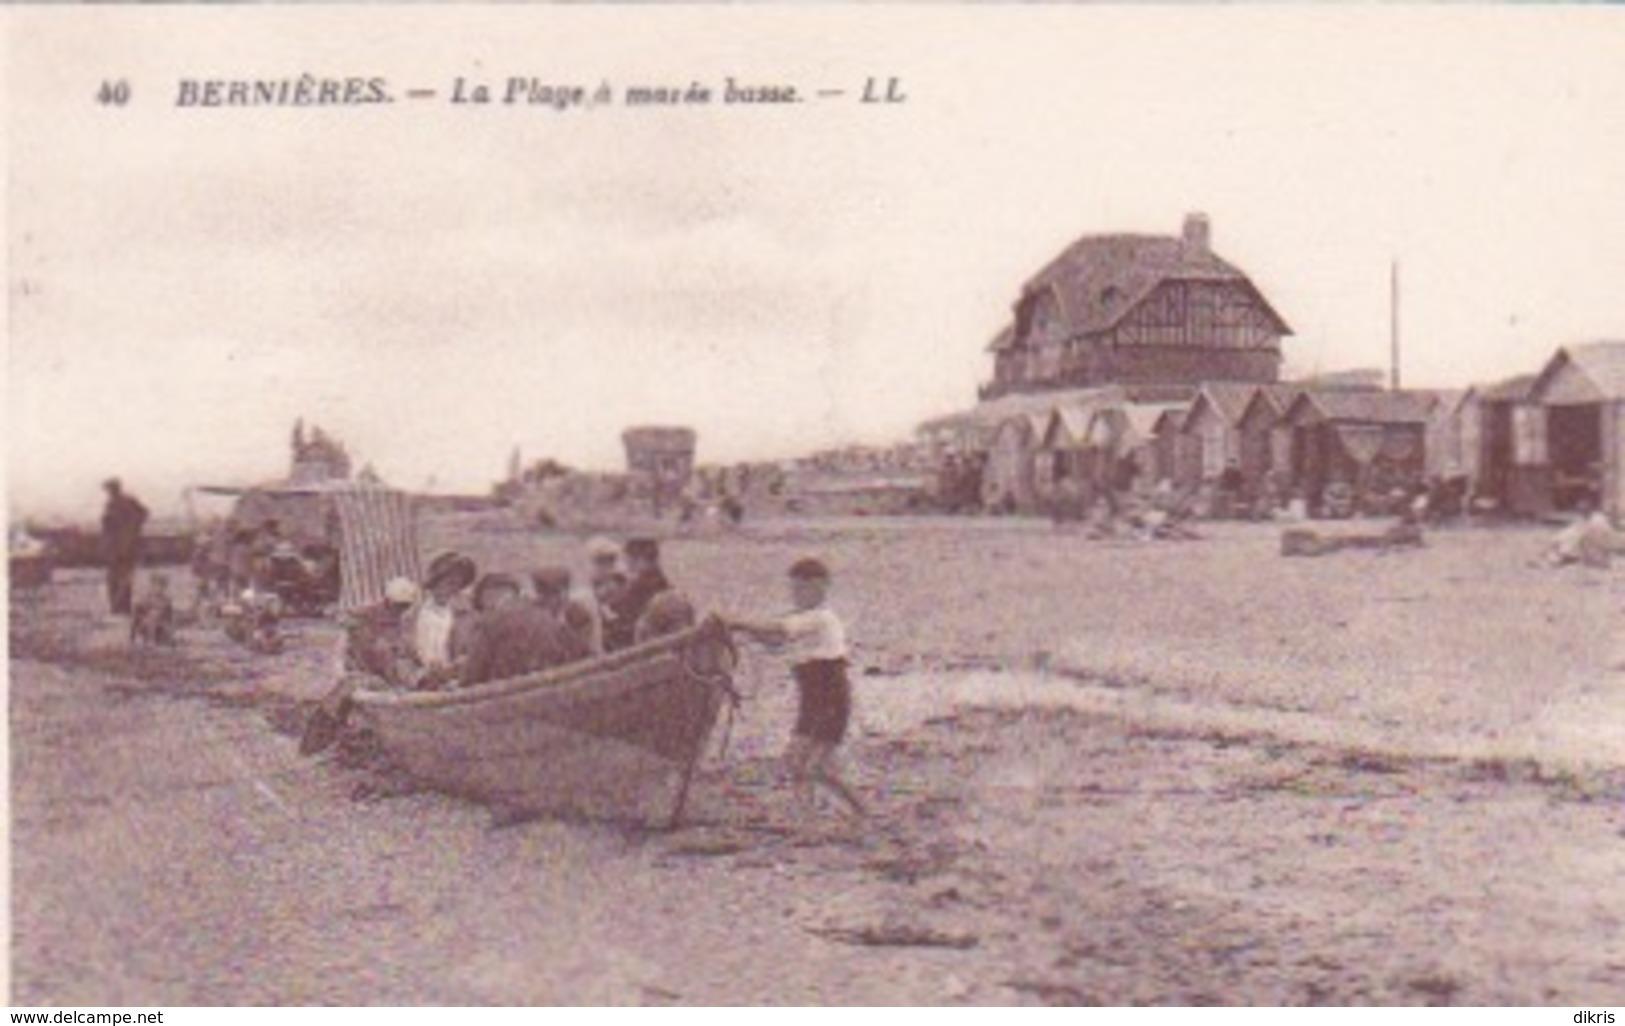 14-BERNIÈRES- LA PLAGE À MARÉÉ BASSE - Frankrijk